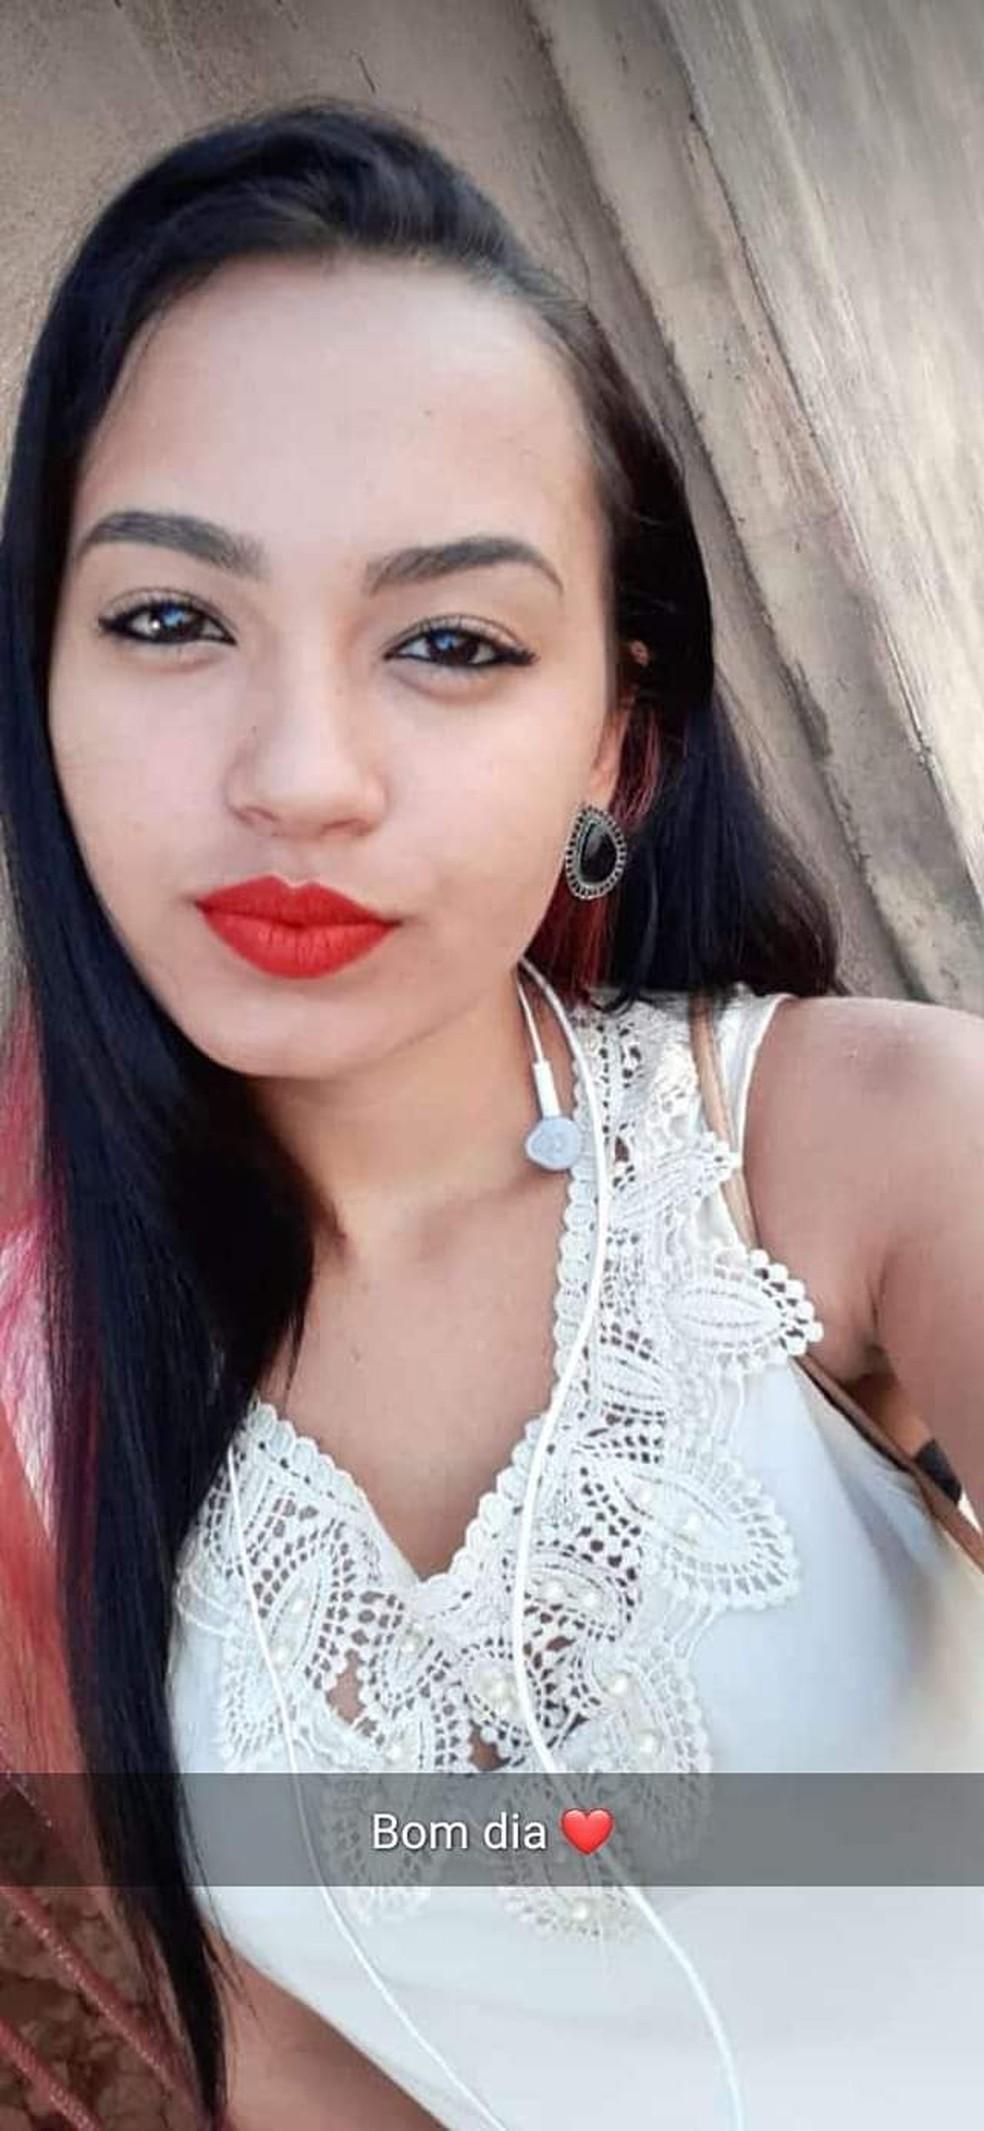 Maria Graziele de Souza desapareceu no dia 14 de abril e seu corpo foi encontrado no dia 19 — Foto: Redes Sociais/Divulgação